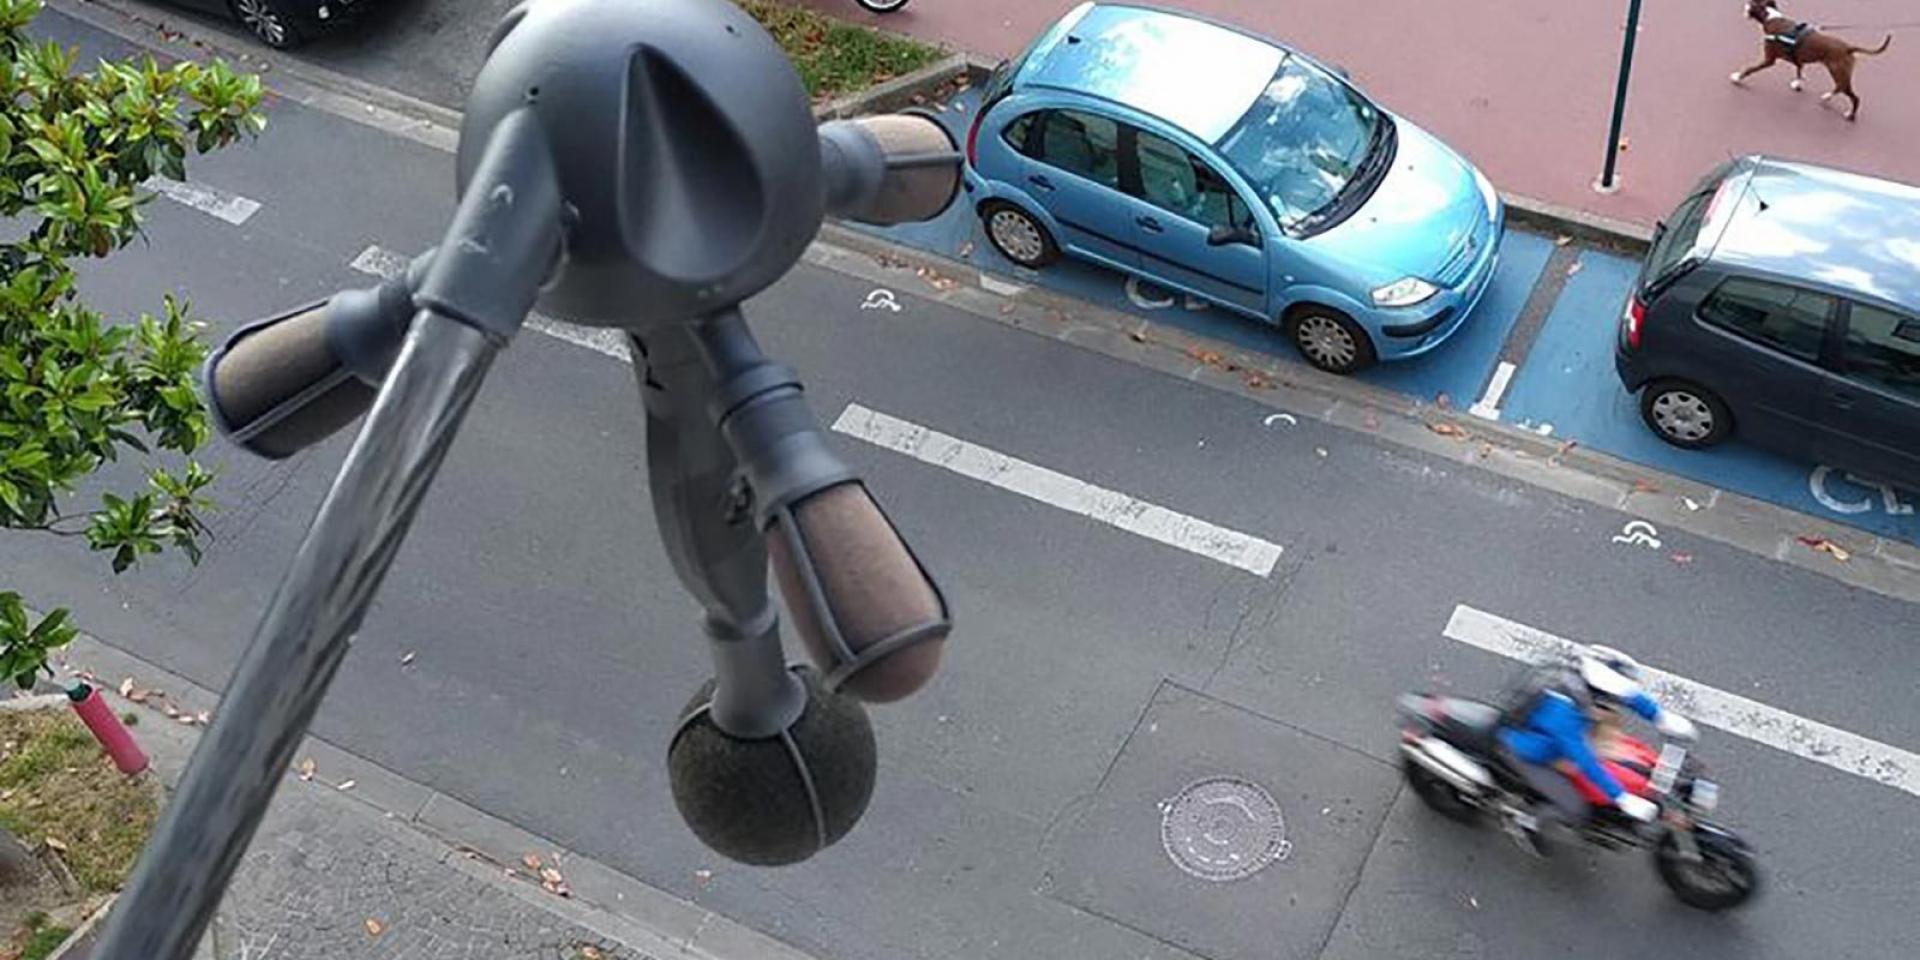 """法國人也略懂略懂,巴黎準備設置""""噪音雷達""""追捕爆音騎士!"""